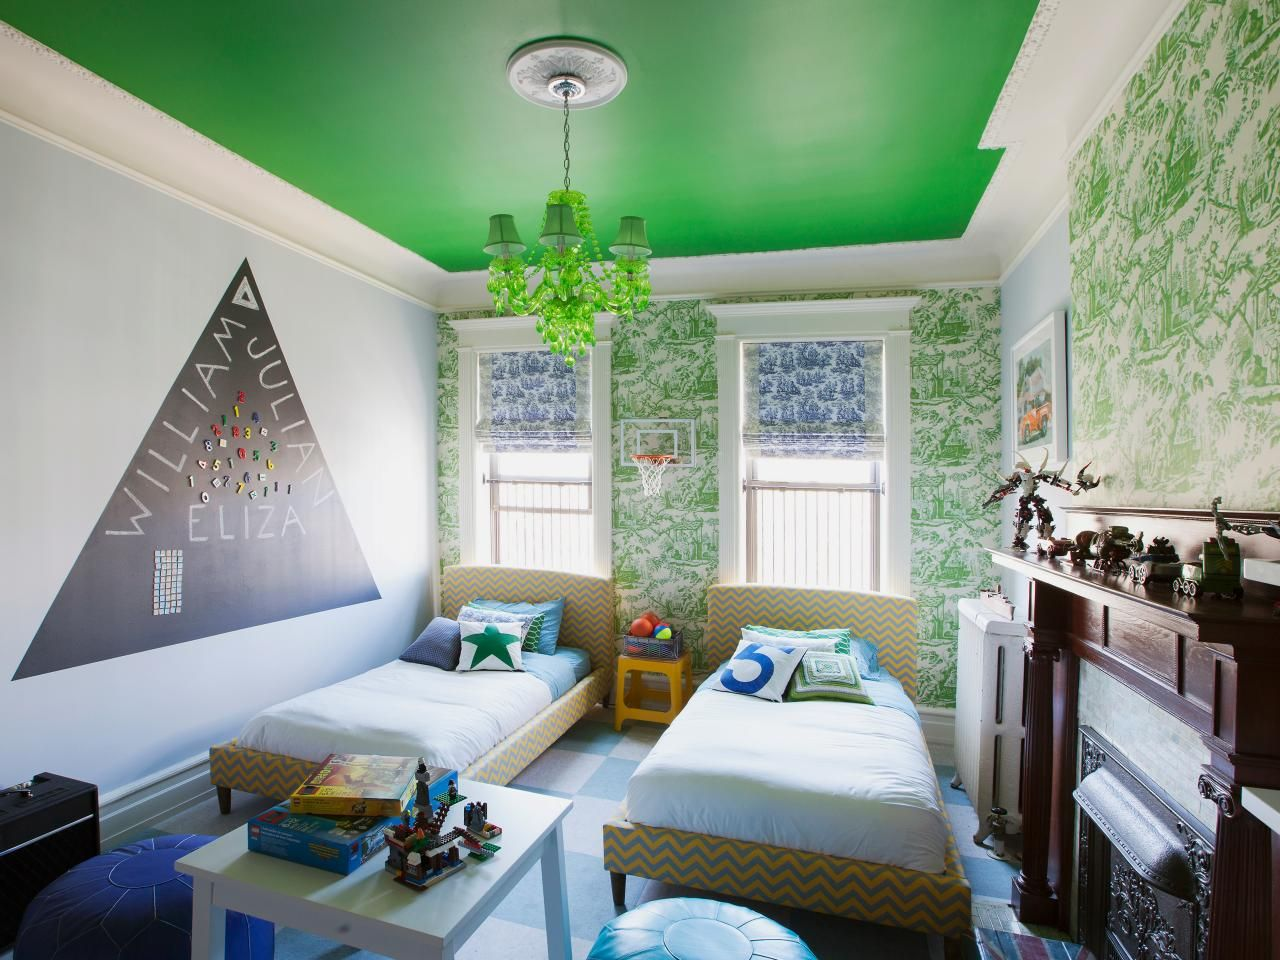 говоря идеи покраски потолка в комнате фото того, необходимо